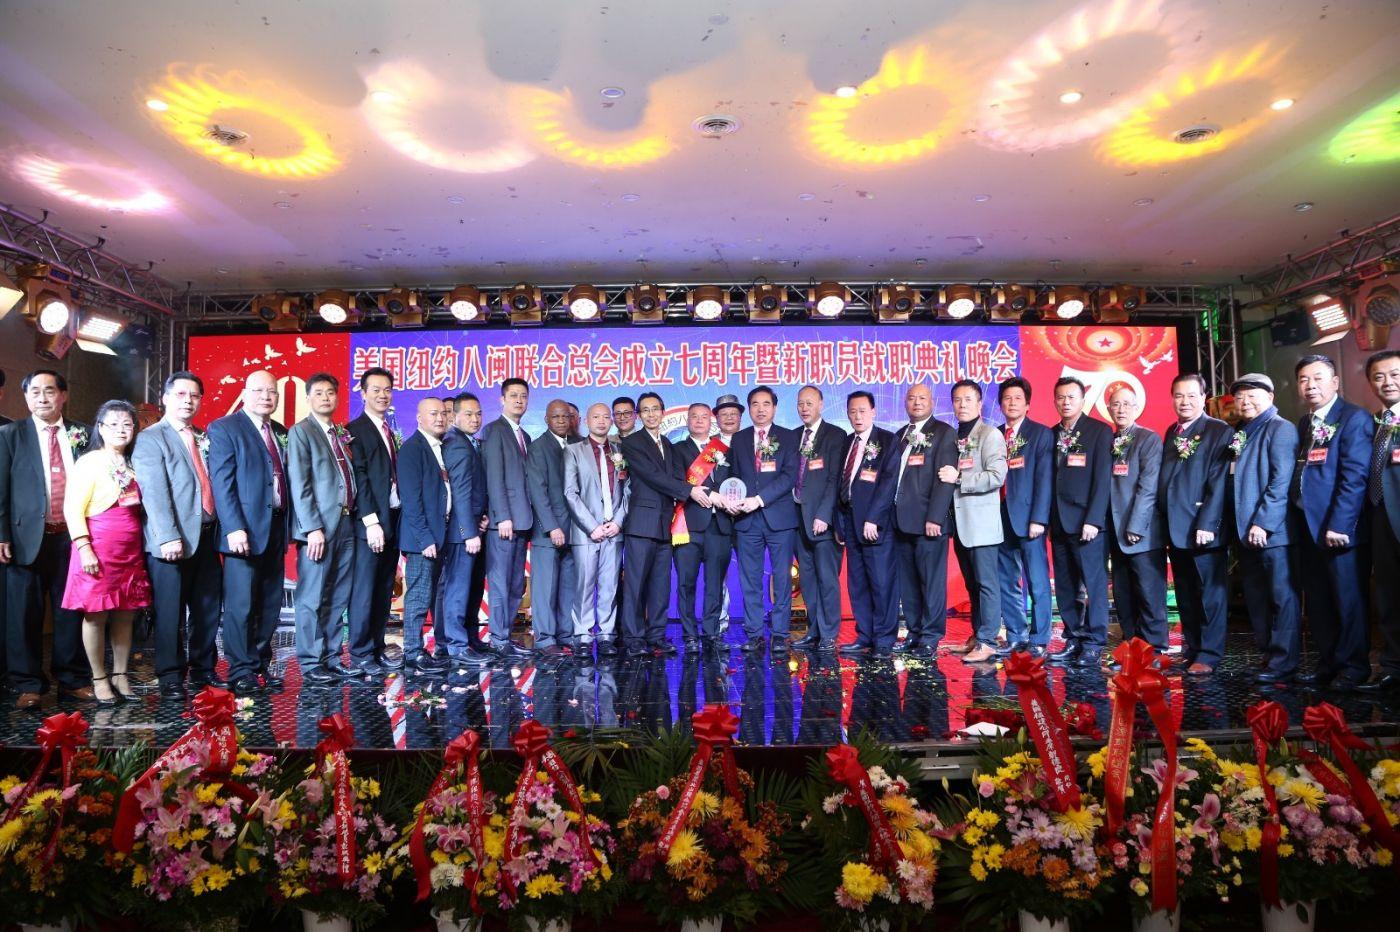 美國纽约八闽联合总会成立七周年暨第七屆新职員就职联欢晚会在紐約举行 ... ... ... . ..._图1-31